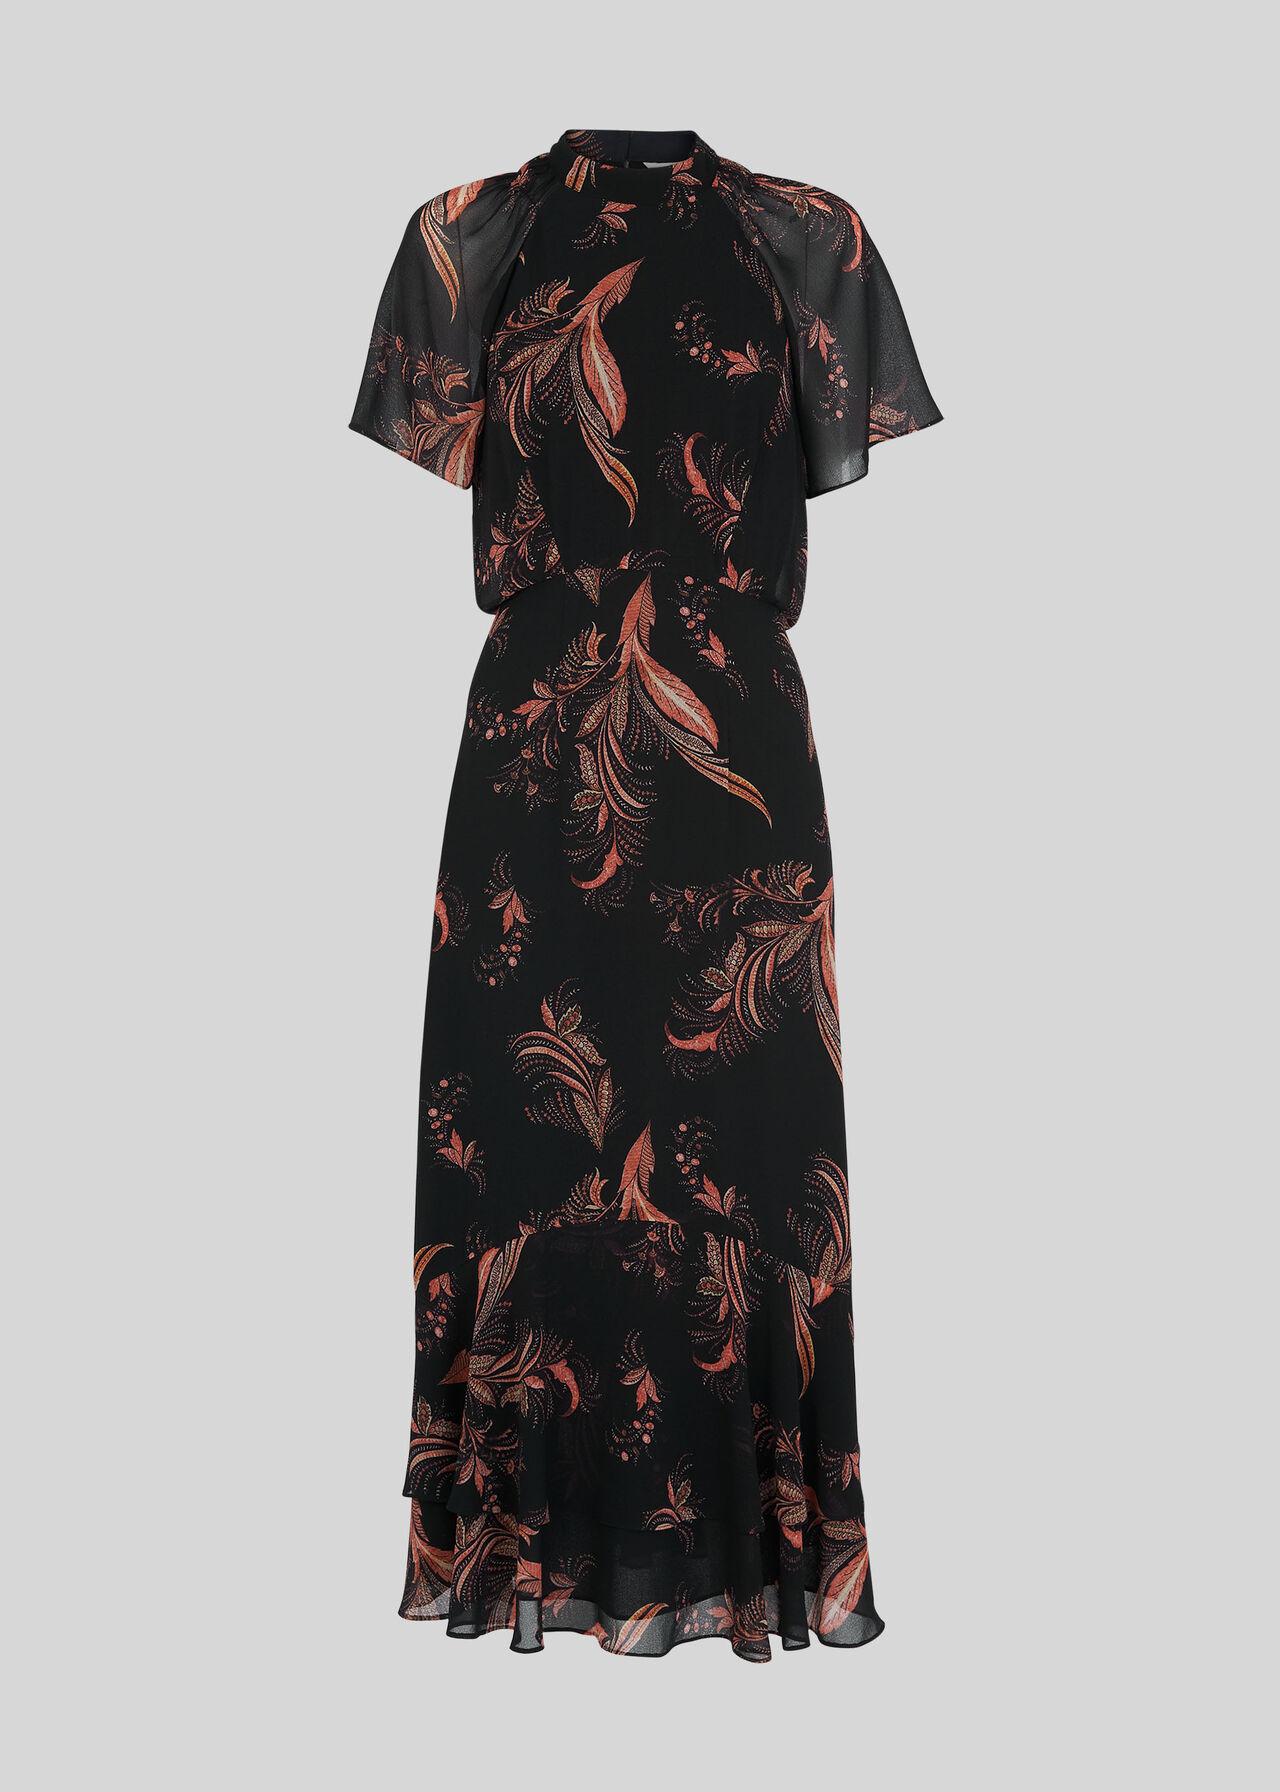 Rose Paisley Leaf Dress Black/Multi